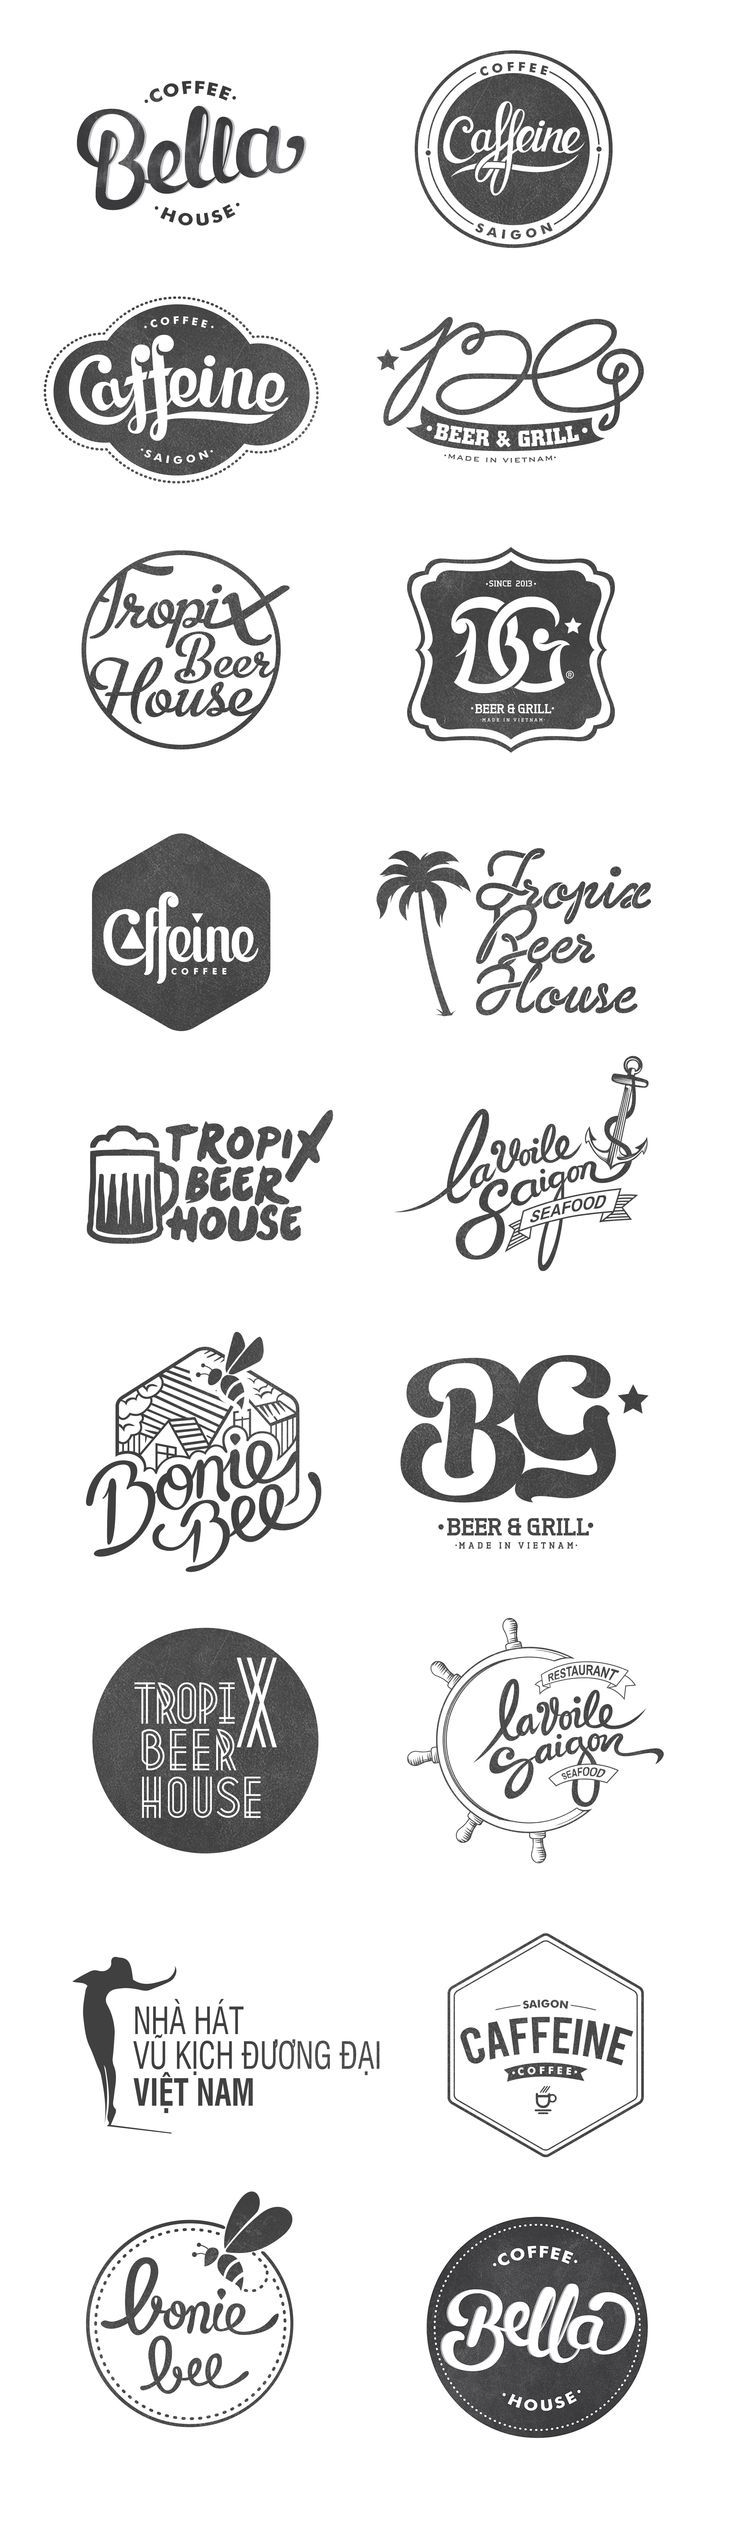 Logo Design Inspiration - 10